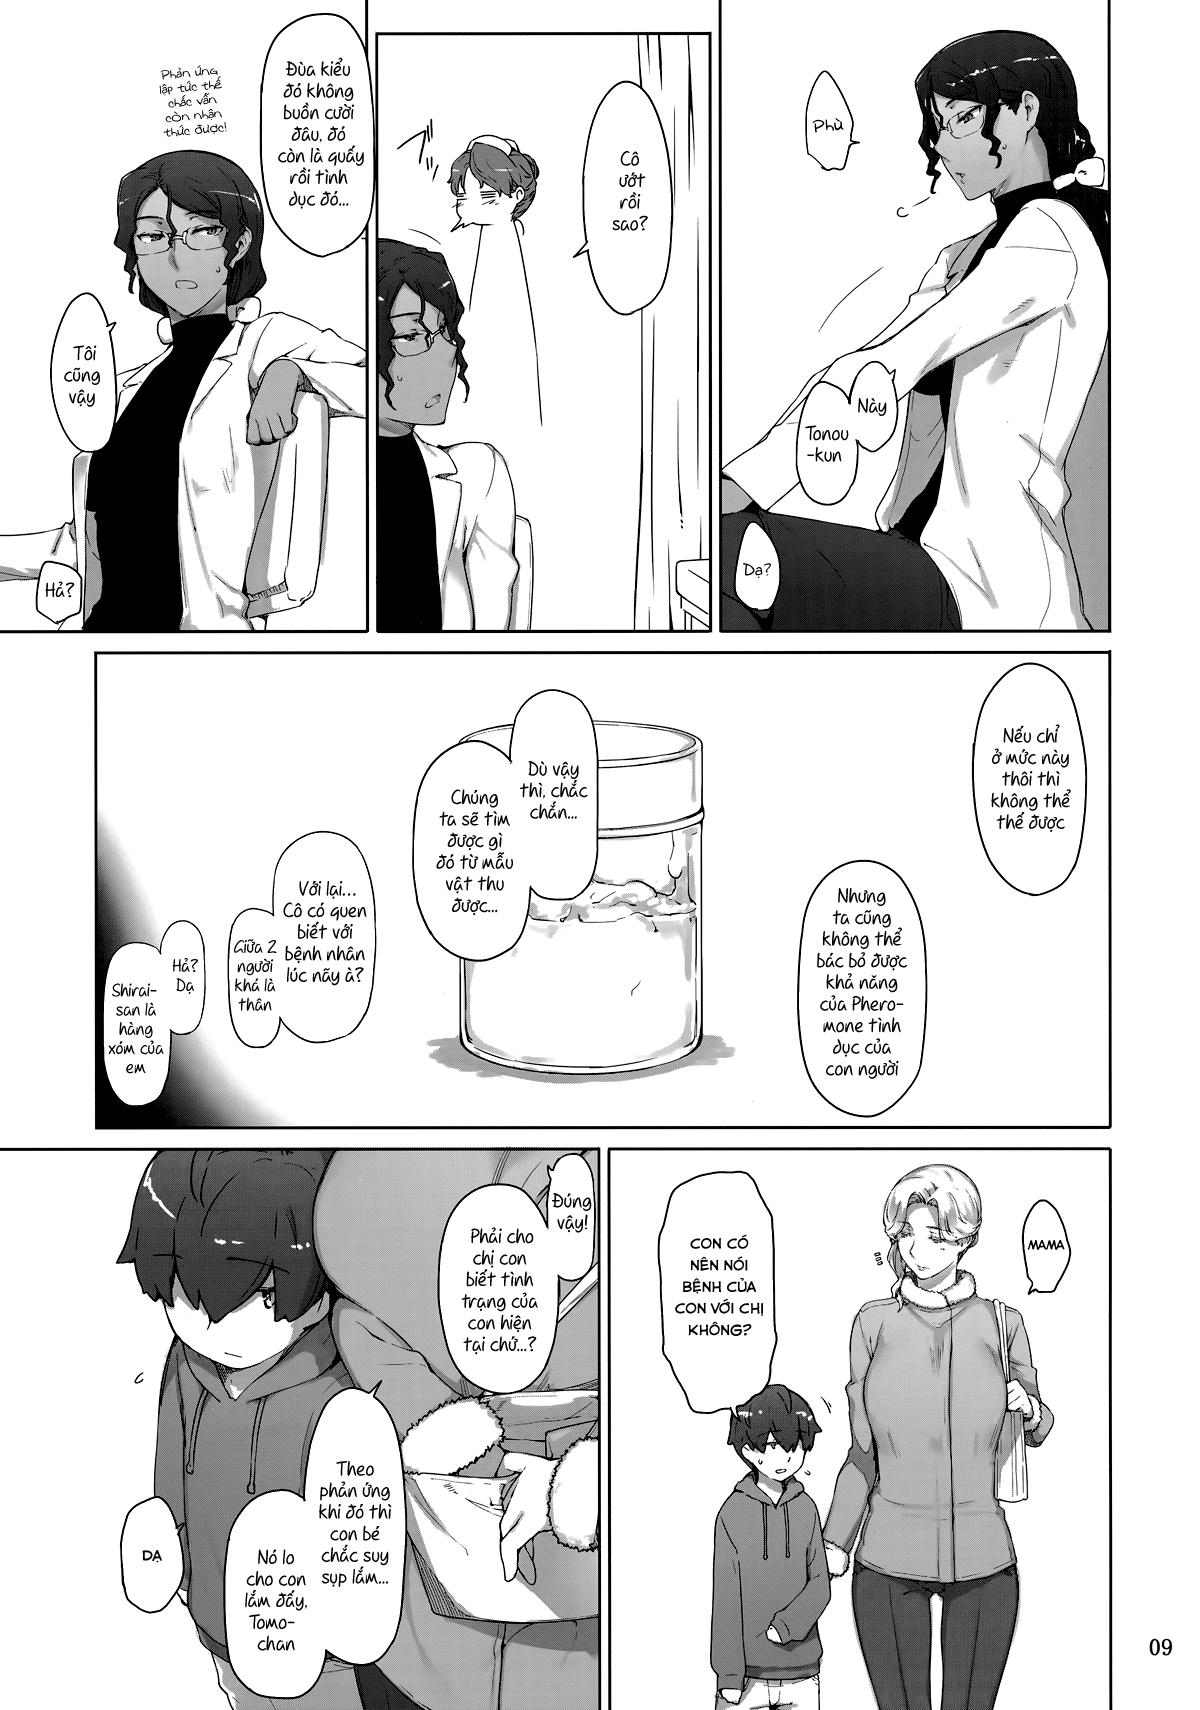 HentaiVN.net - Ảnh 8 - Tanemori-ke no Katei Jijou - 胤盛家ノ家庭事情 ; Gia cảnh của gia đình nhà Tanemori - Chap 01